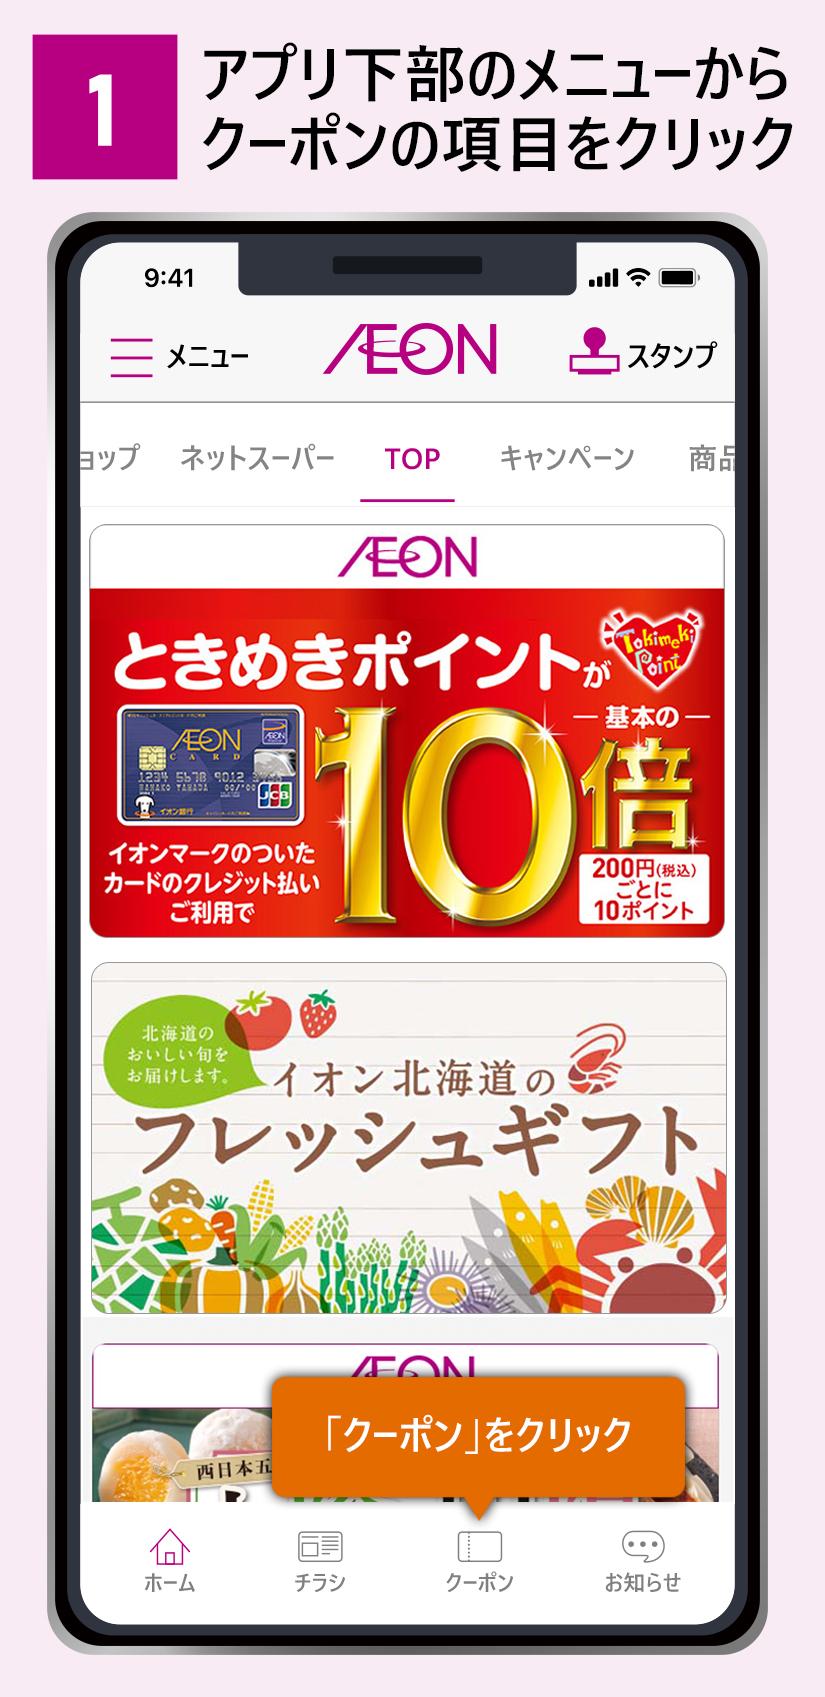 買物 イオン アプリ お